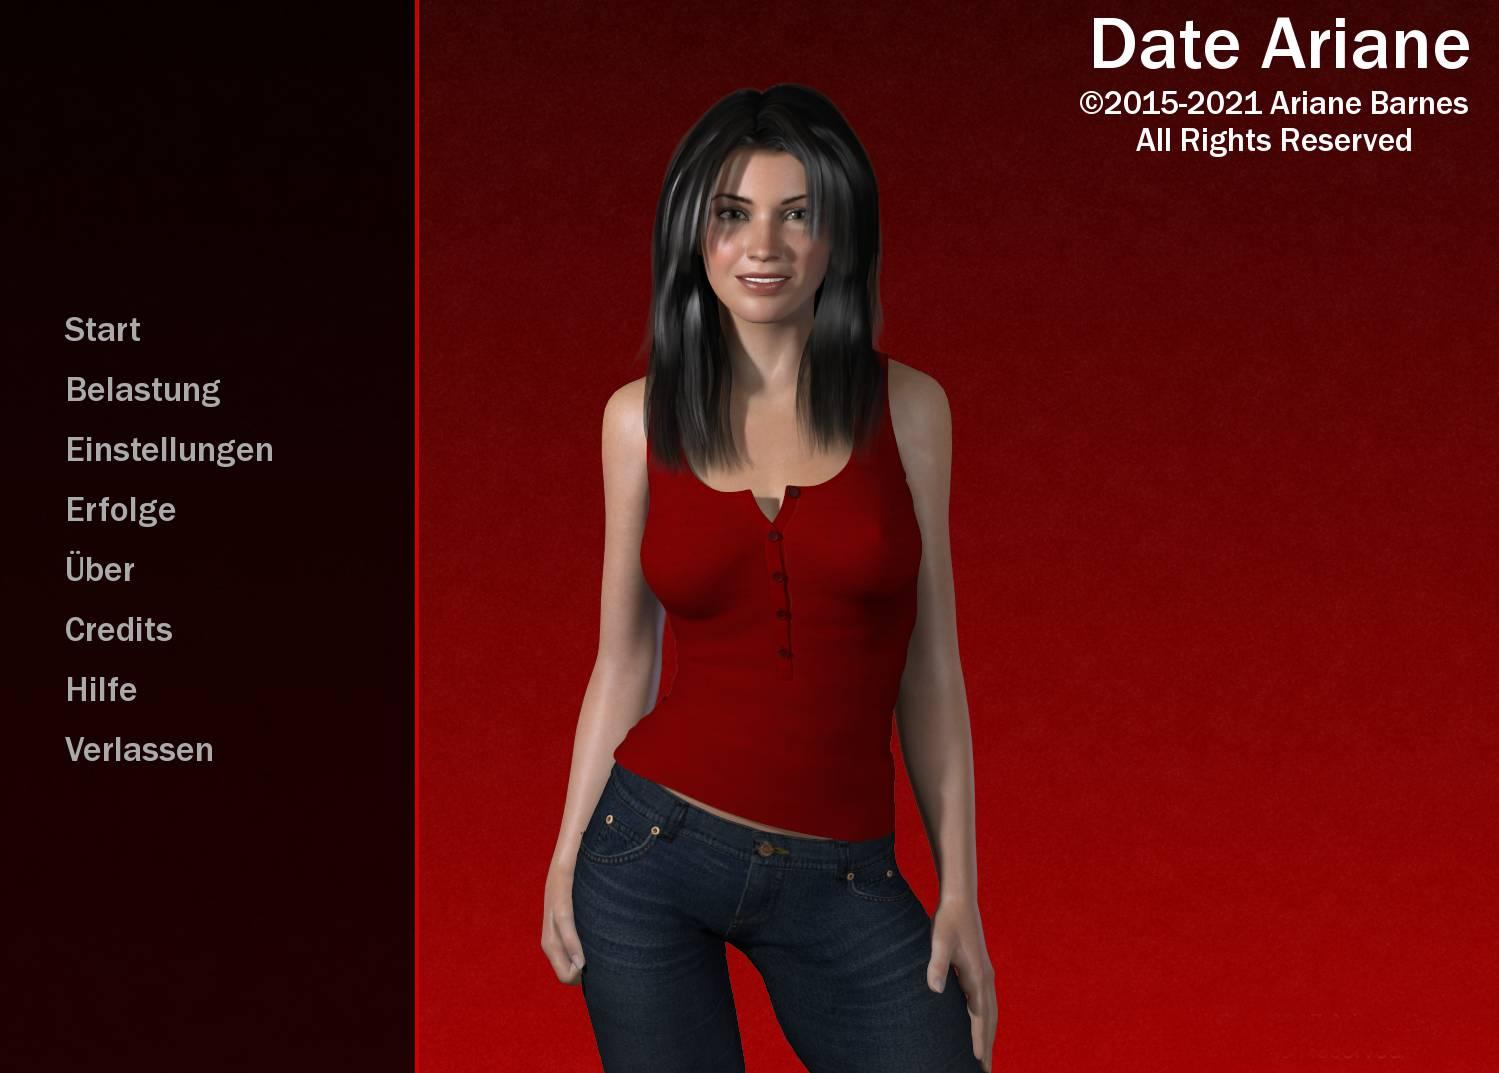 Date Ariane Deutsch - Arianes Life in the Metaverse